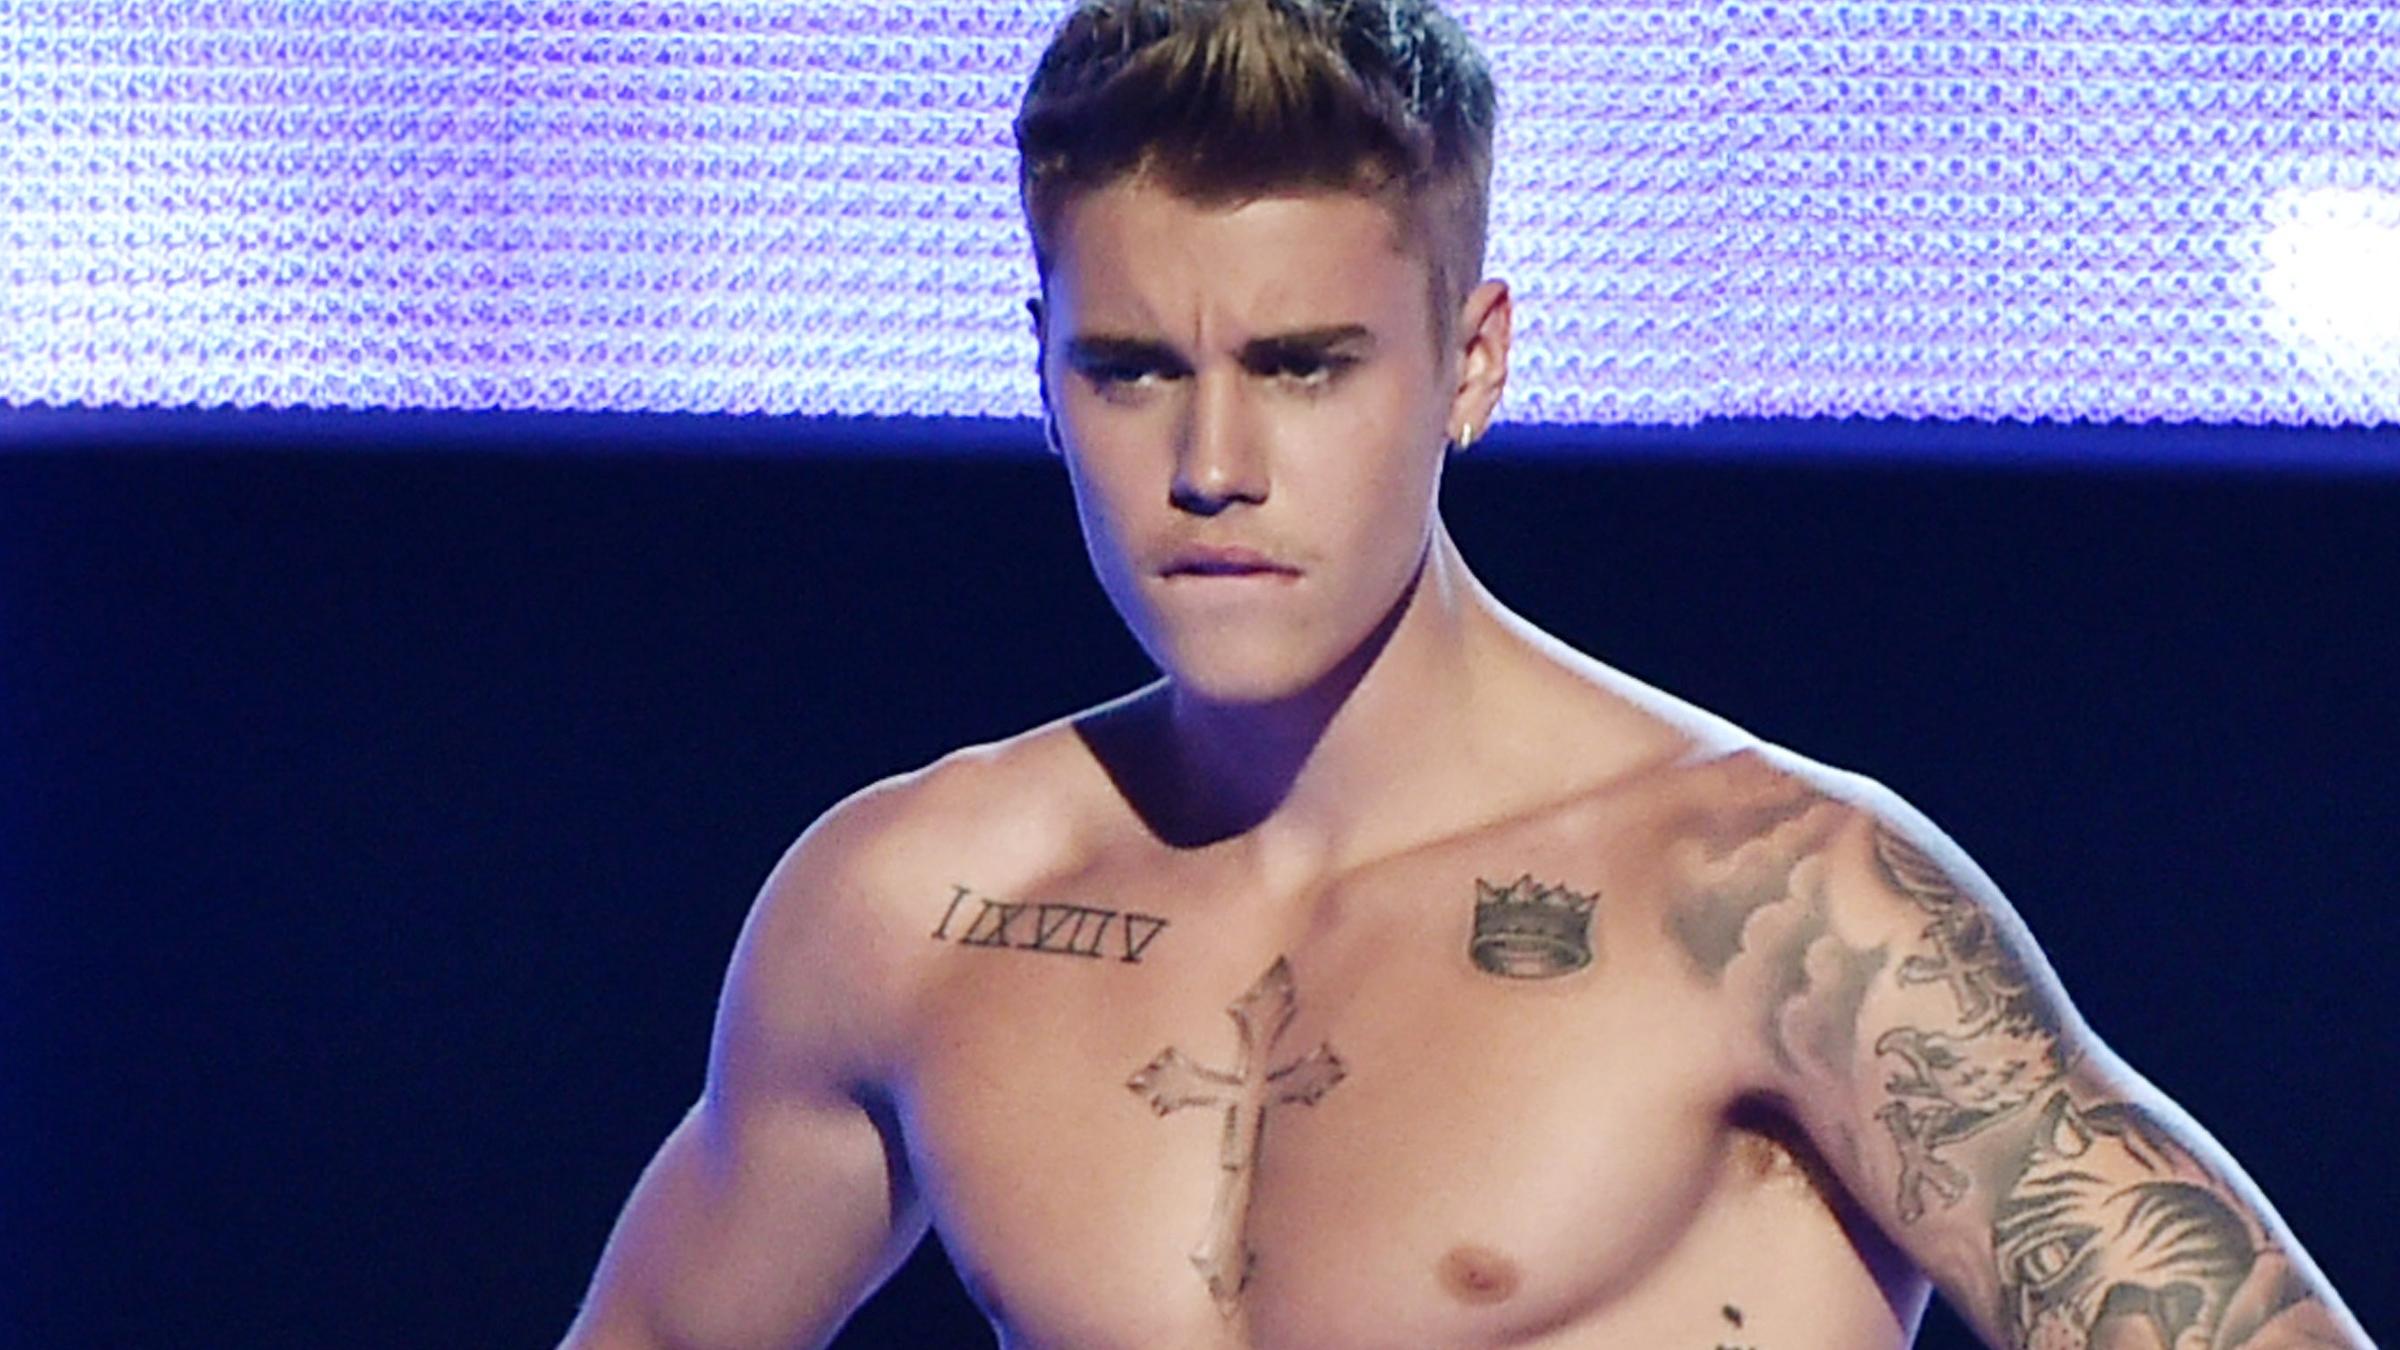 Bieber instapappie teaser